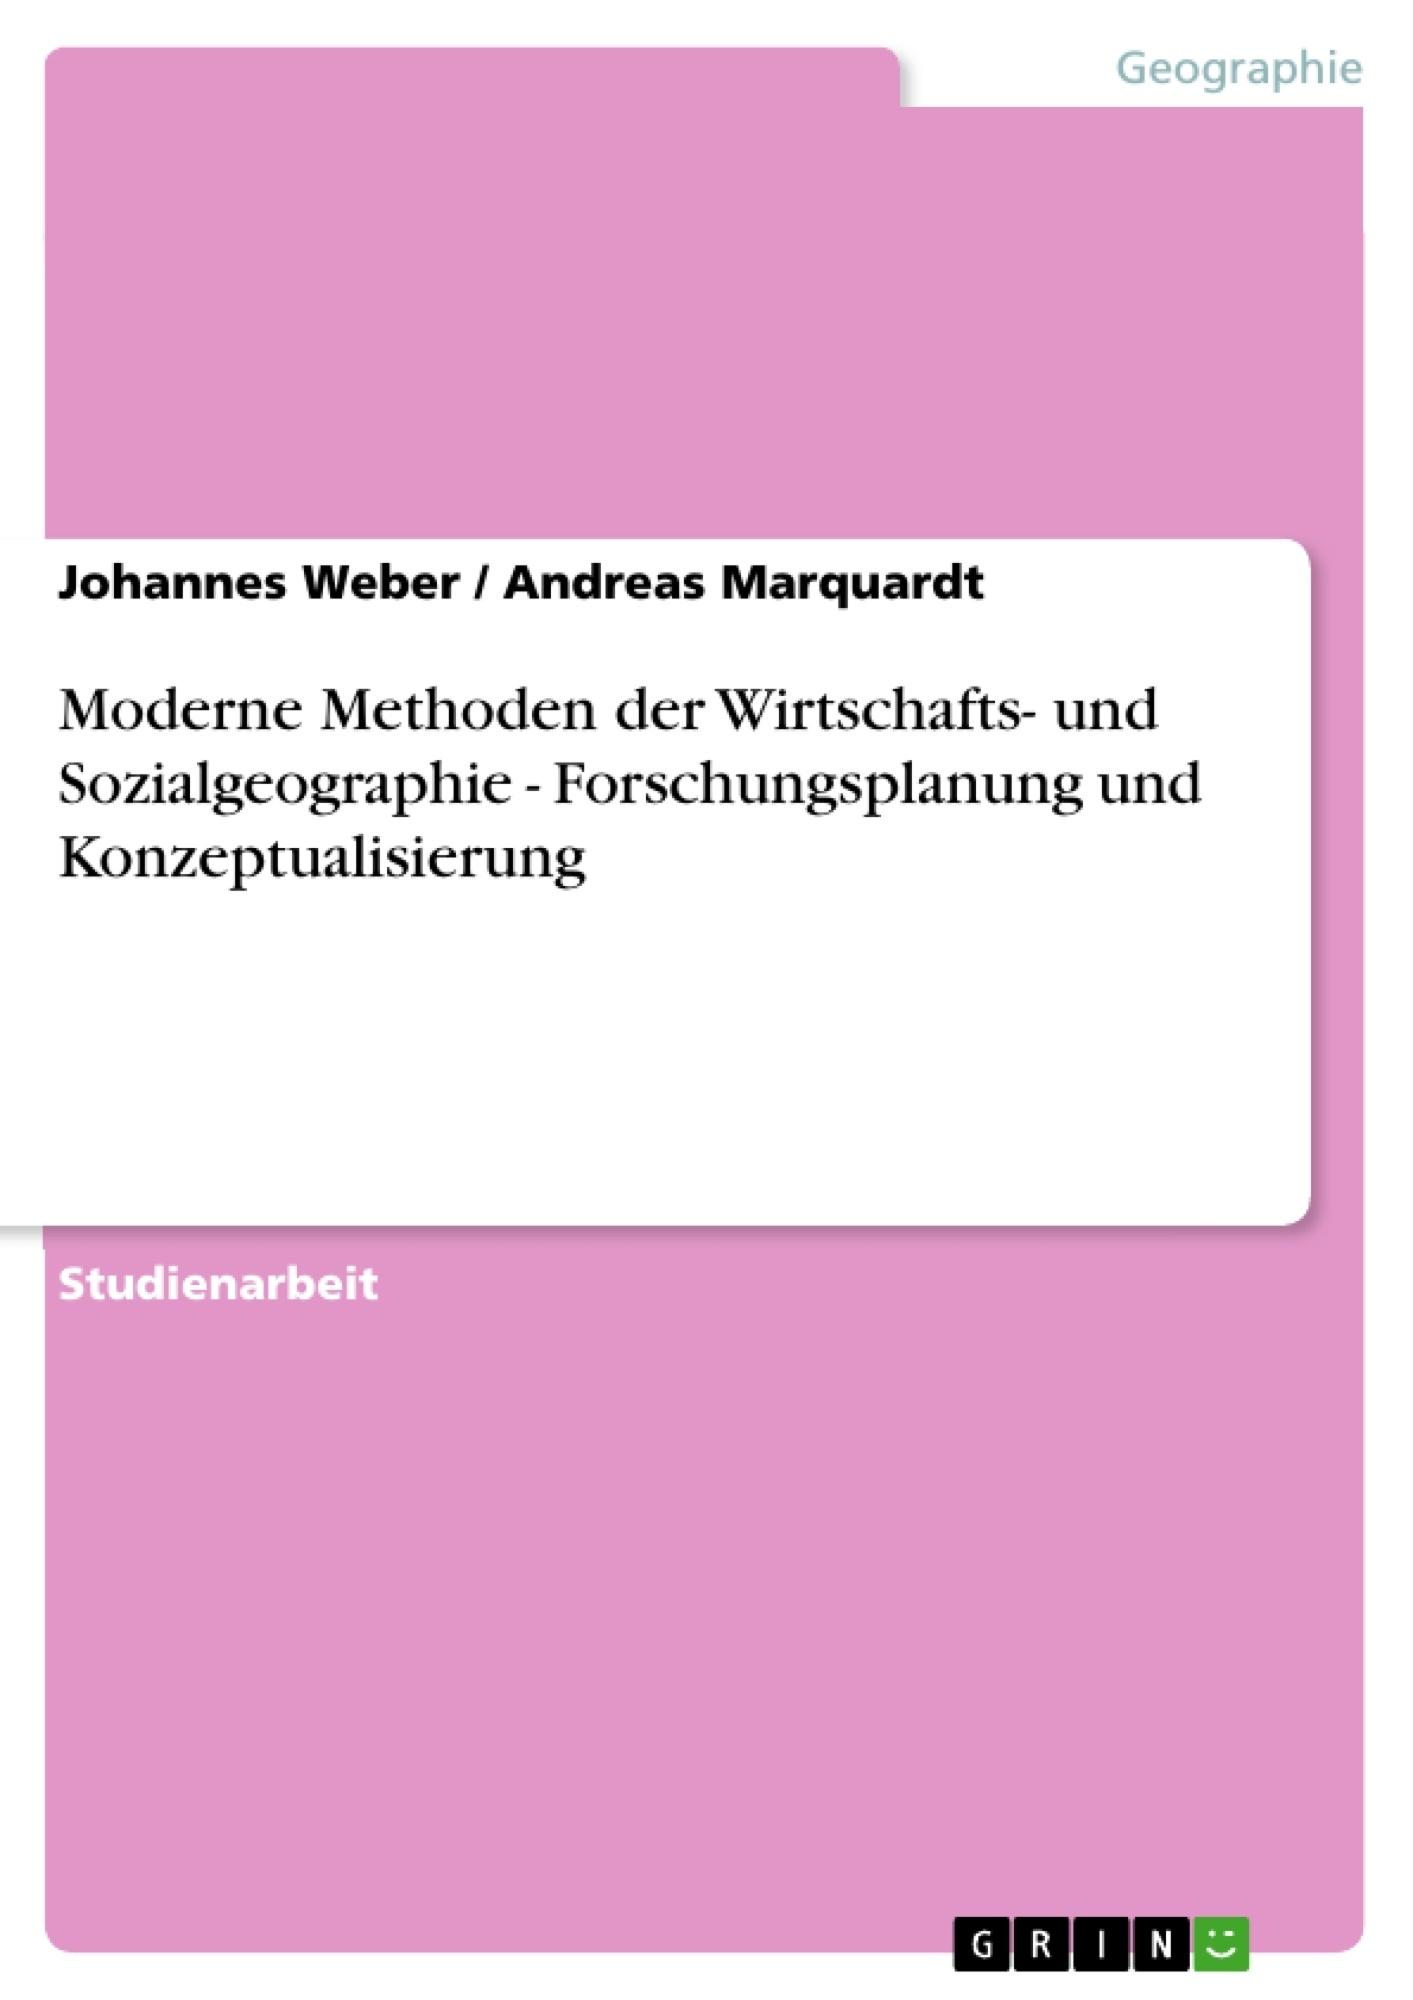 Titel: Moderne Methoden der Wirtschafts- und Sozialgeographie - Forschungsplanung und Konzeptualisierung